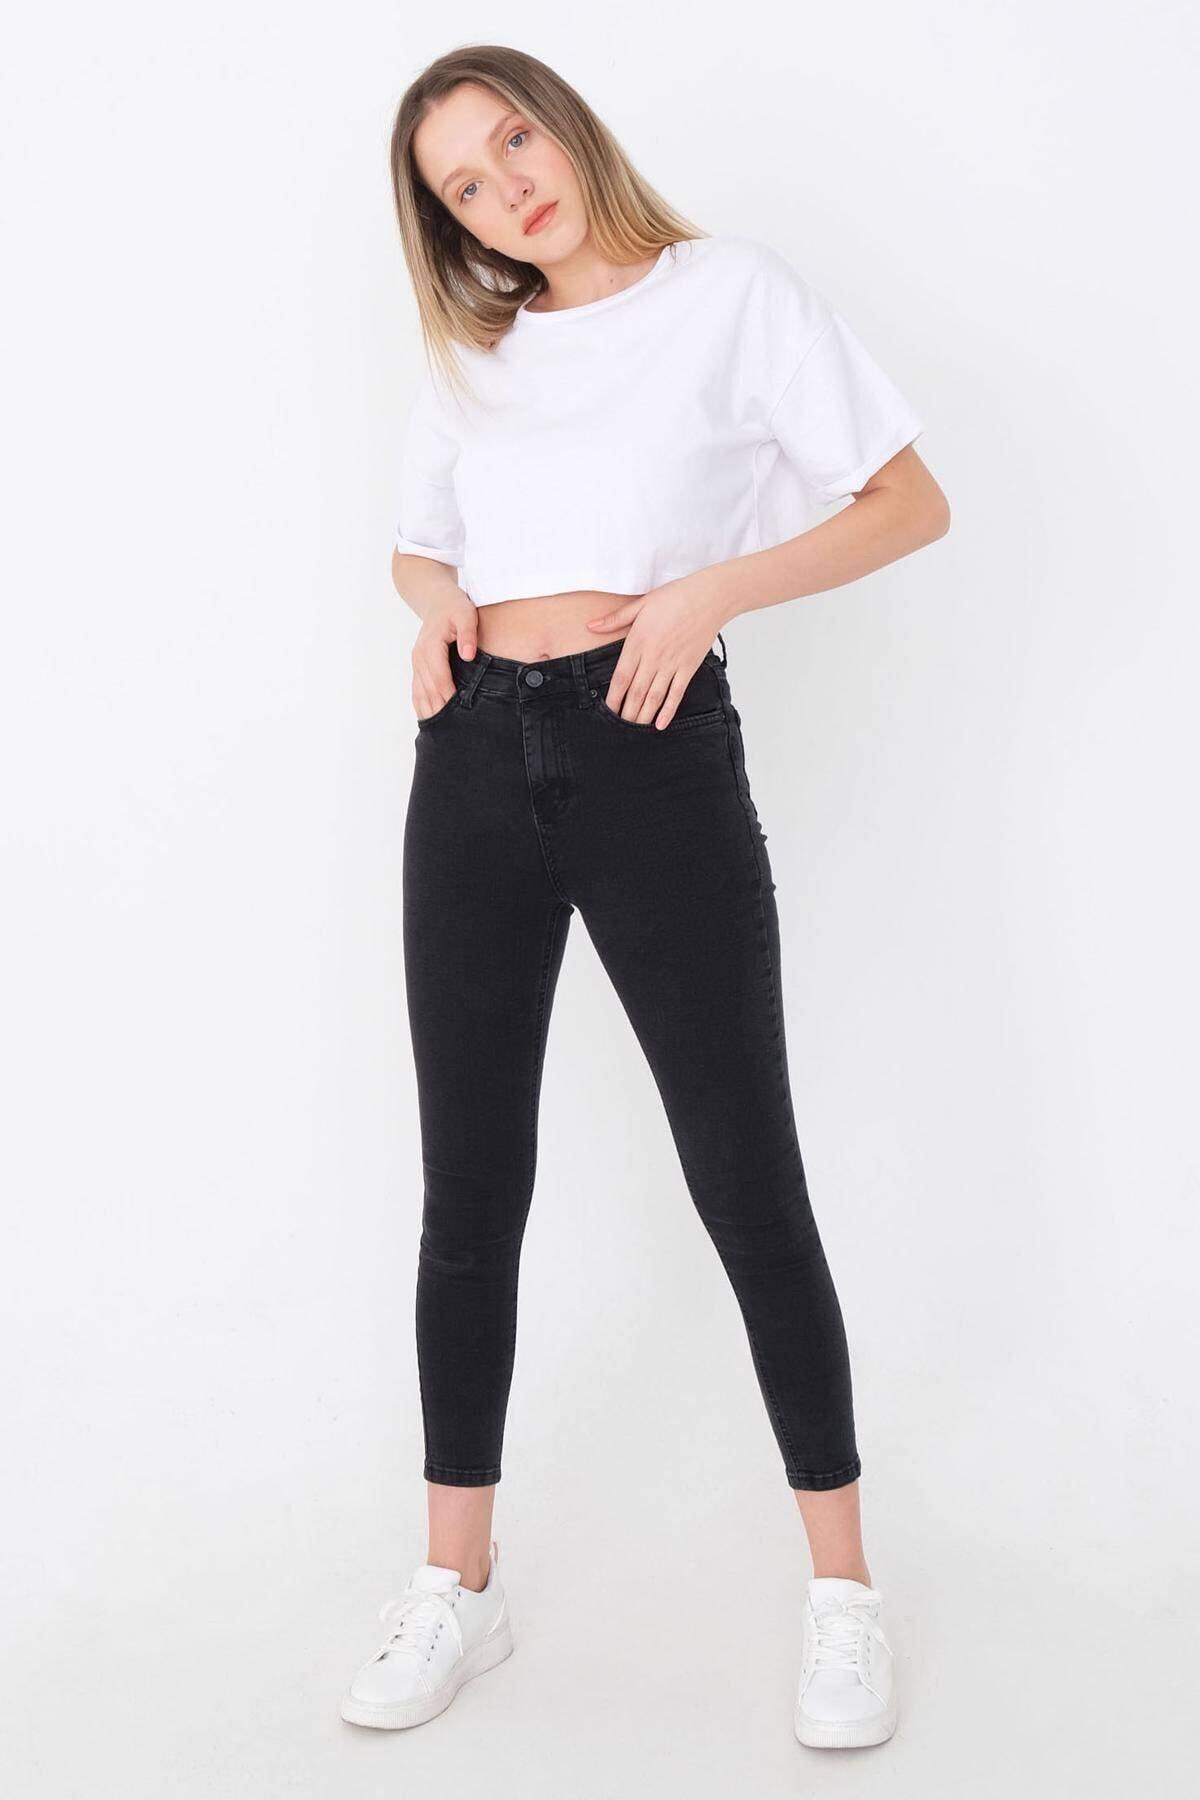 Kadın Füme Yüksek Bel Pantolon Pn8560 - Pnspnt Adx-0000014371